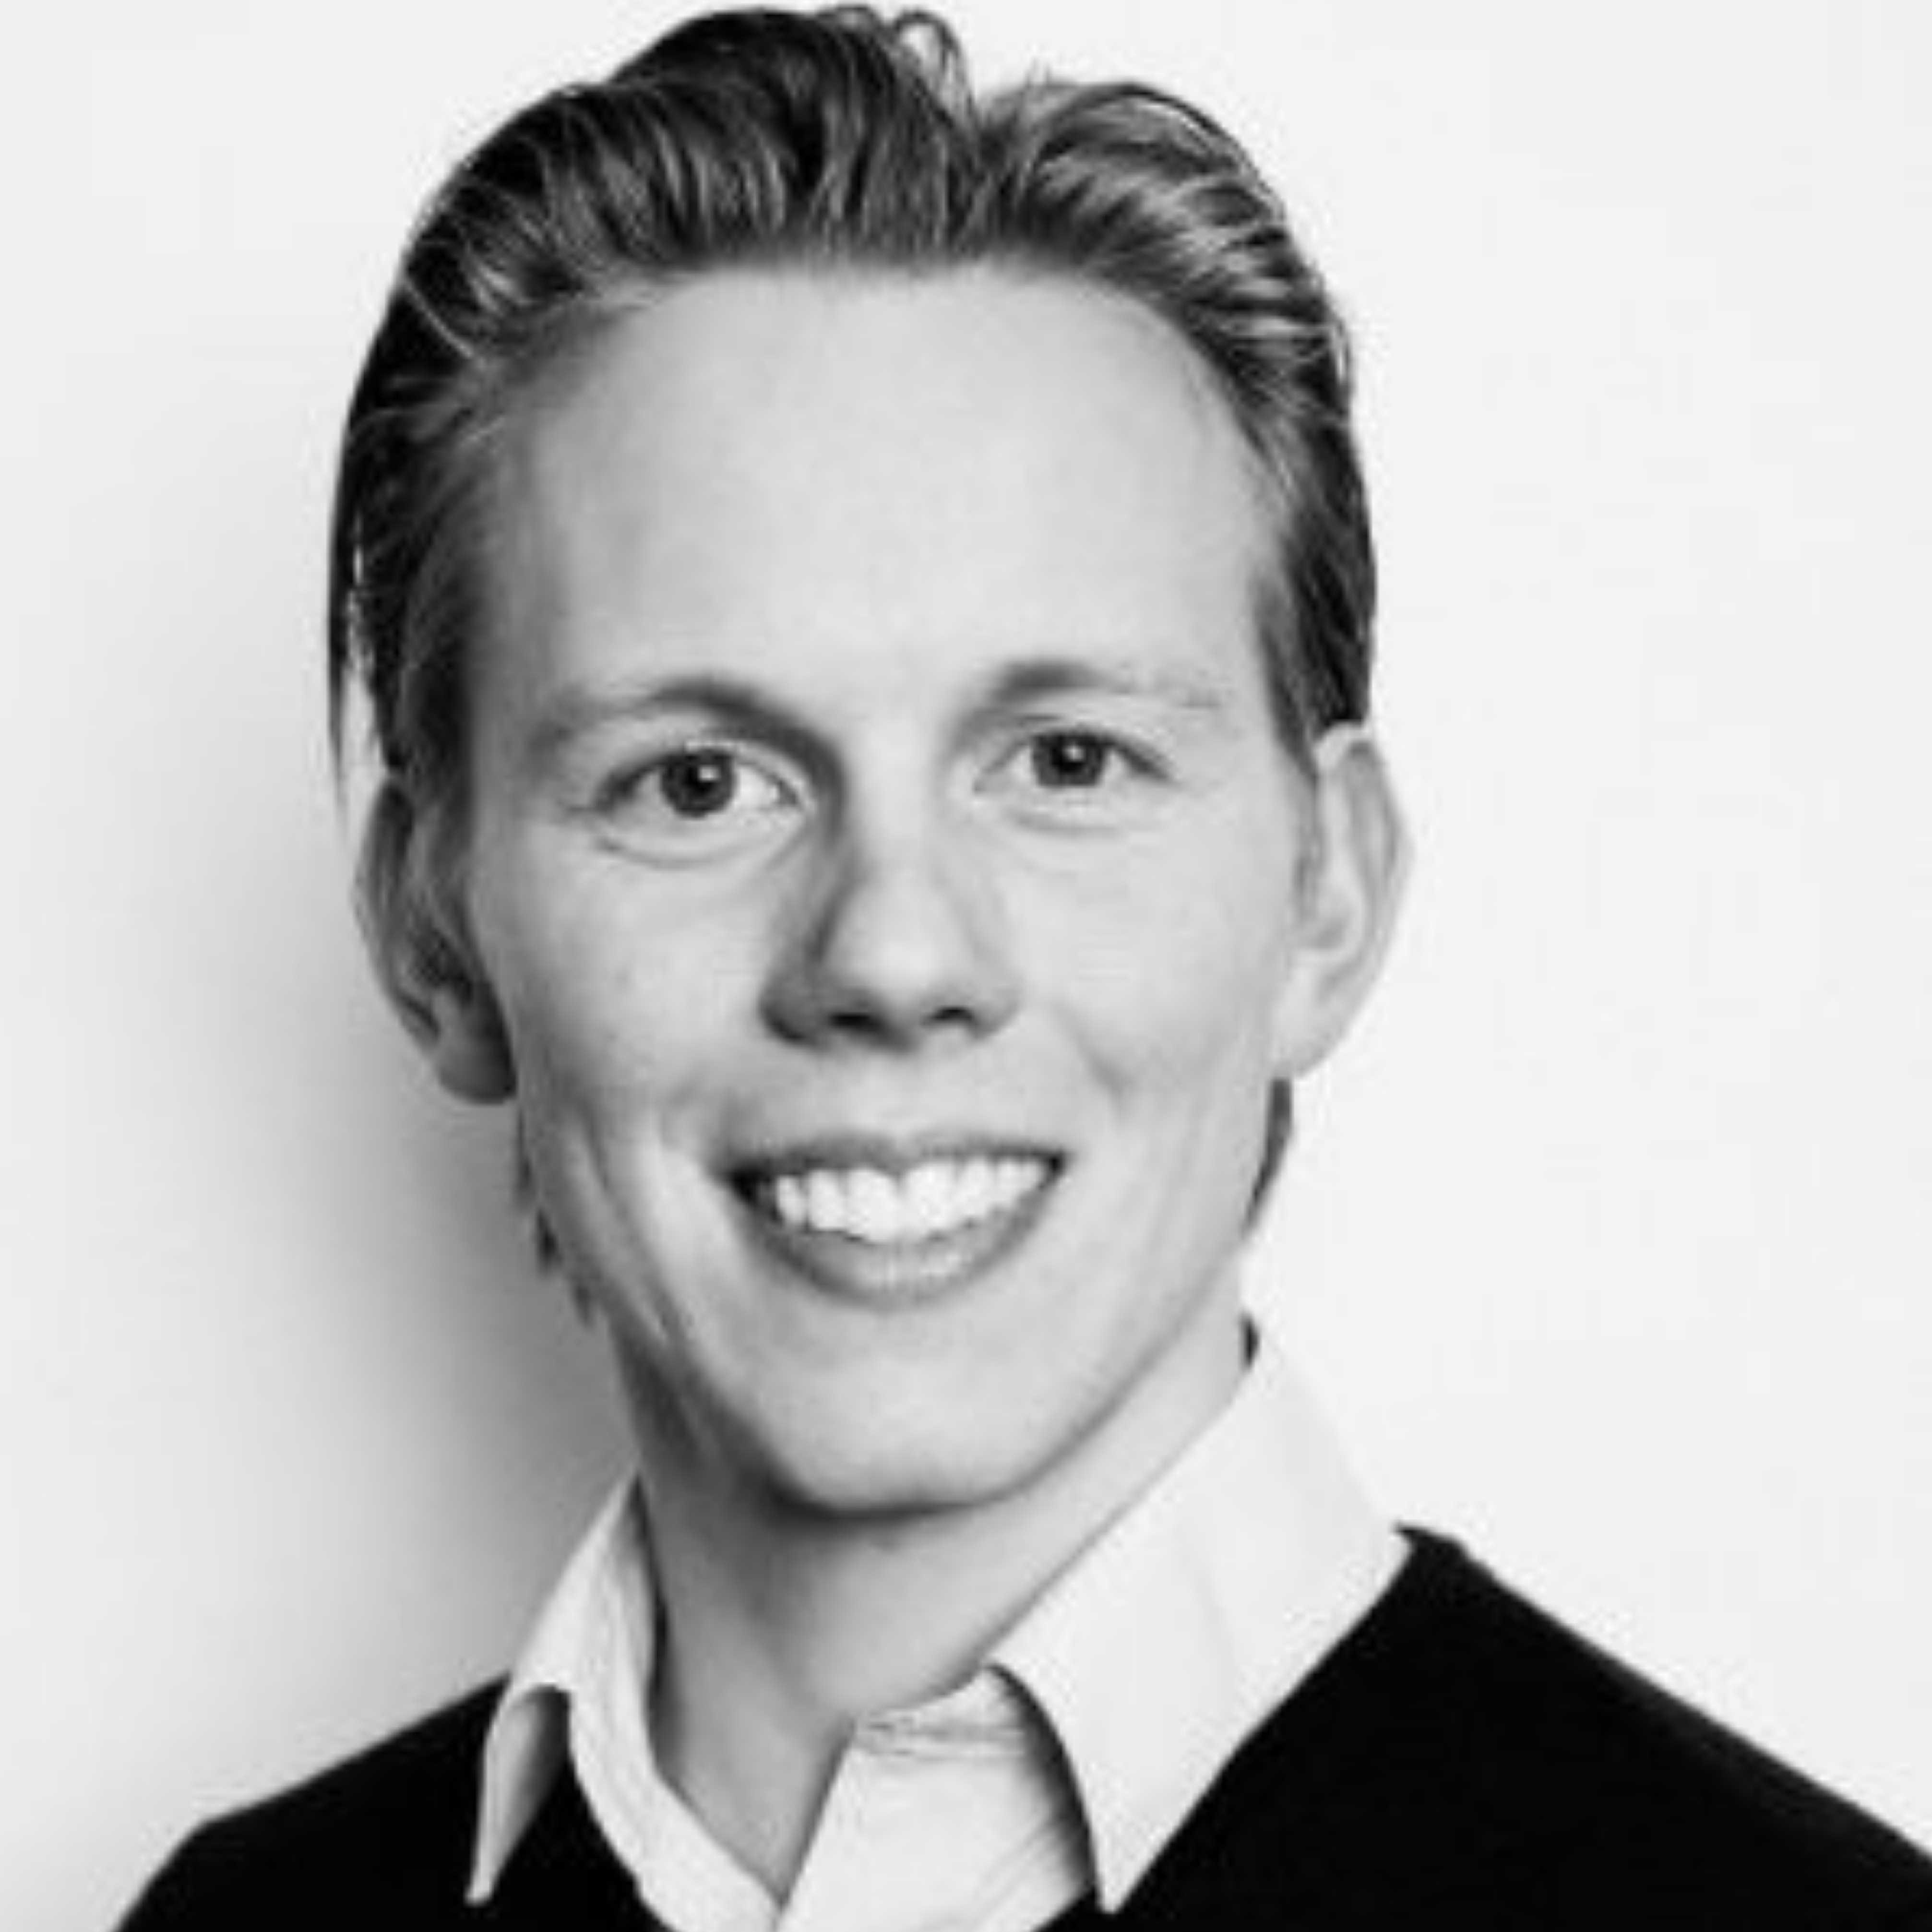 Kristian Skjøtt Eilersen